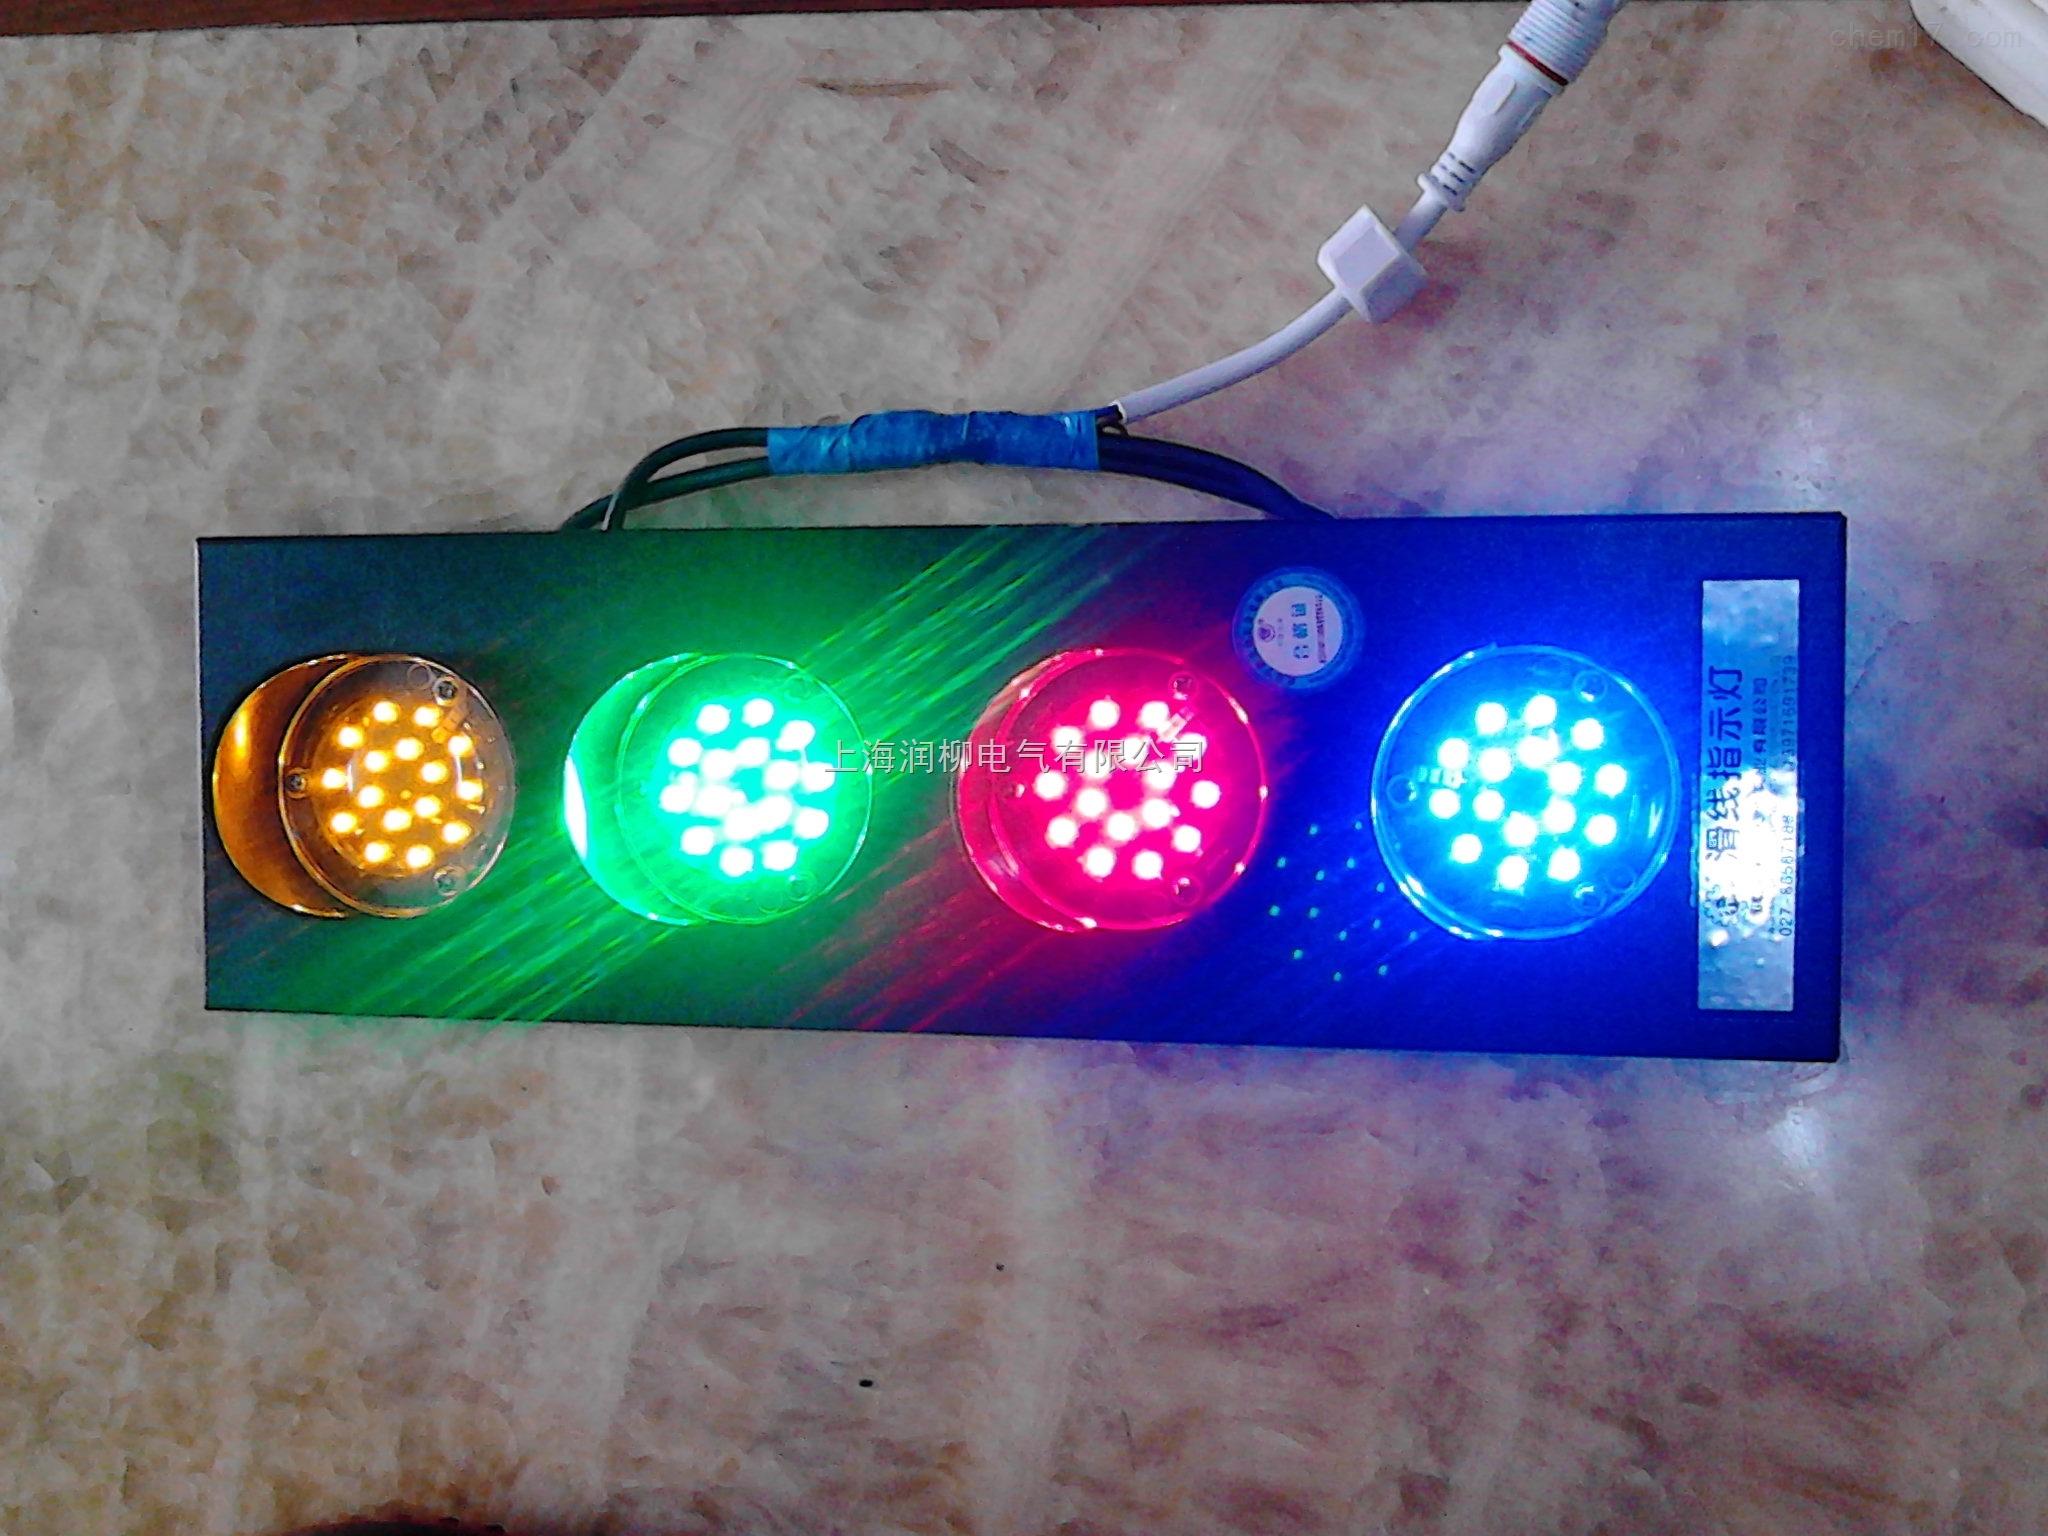 指示灯是专门用于实时监视行车,龙门吊等起重设备的三相电源的信号